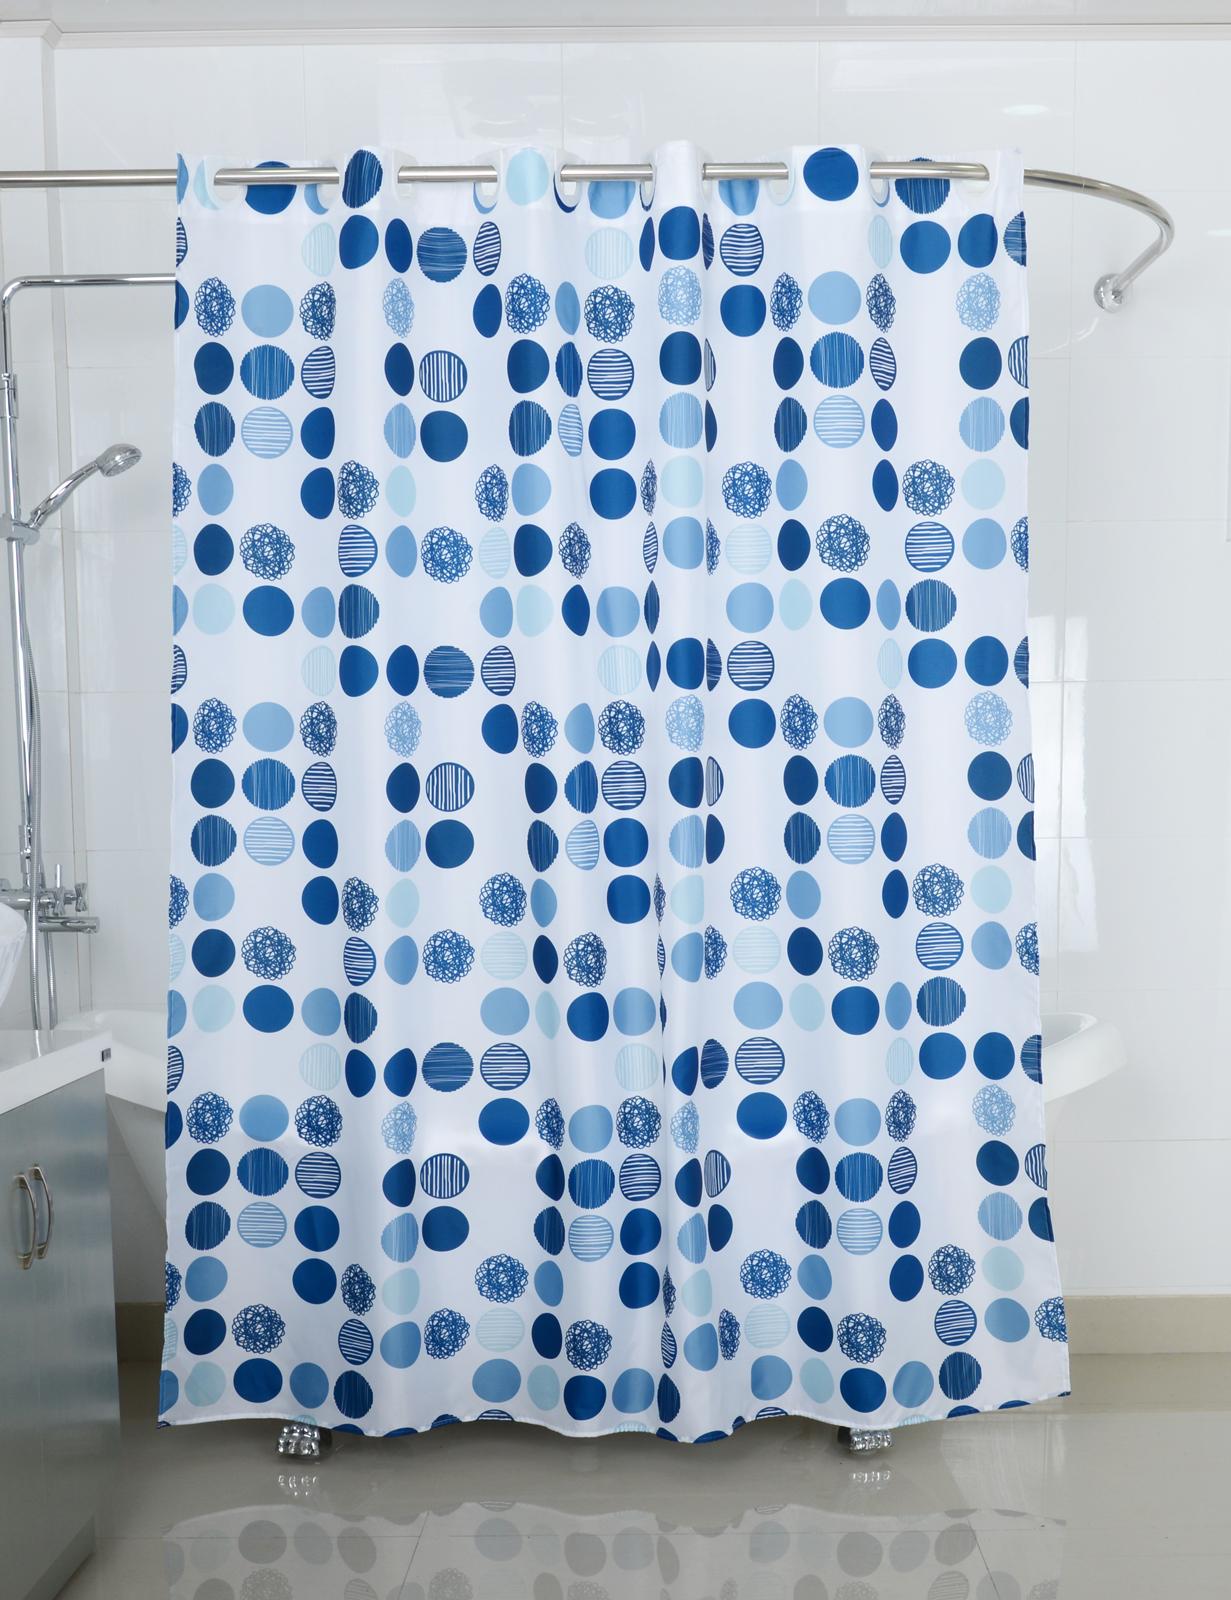 Badtextilien - Textil Duschvorhang Badewannenvorhang Vorhang 180x200 incl. 12 Ringe 568094 Sea of Dots  - Onlineshop PremiumShop321